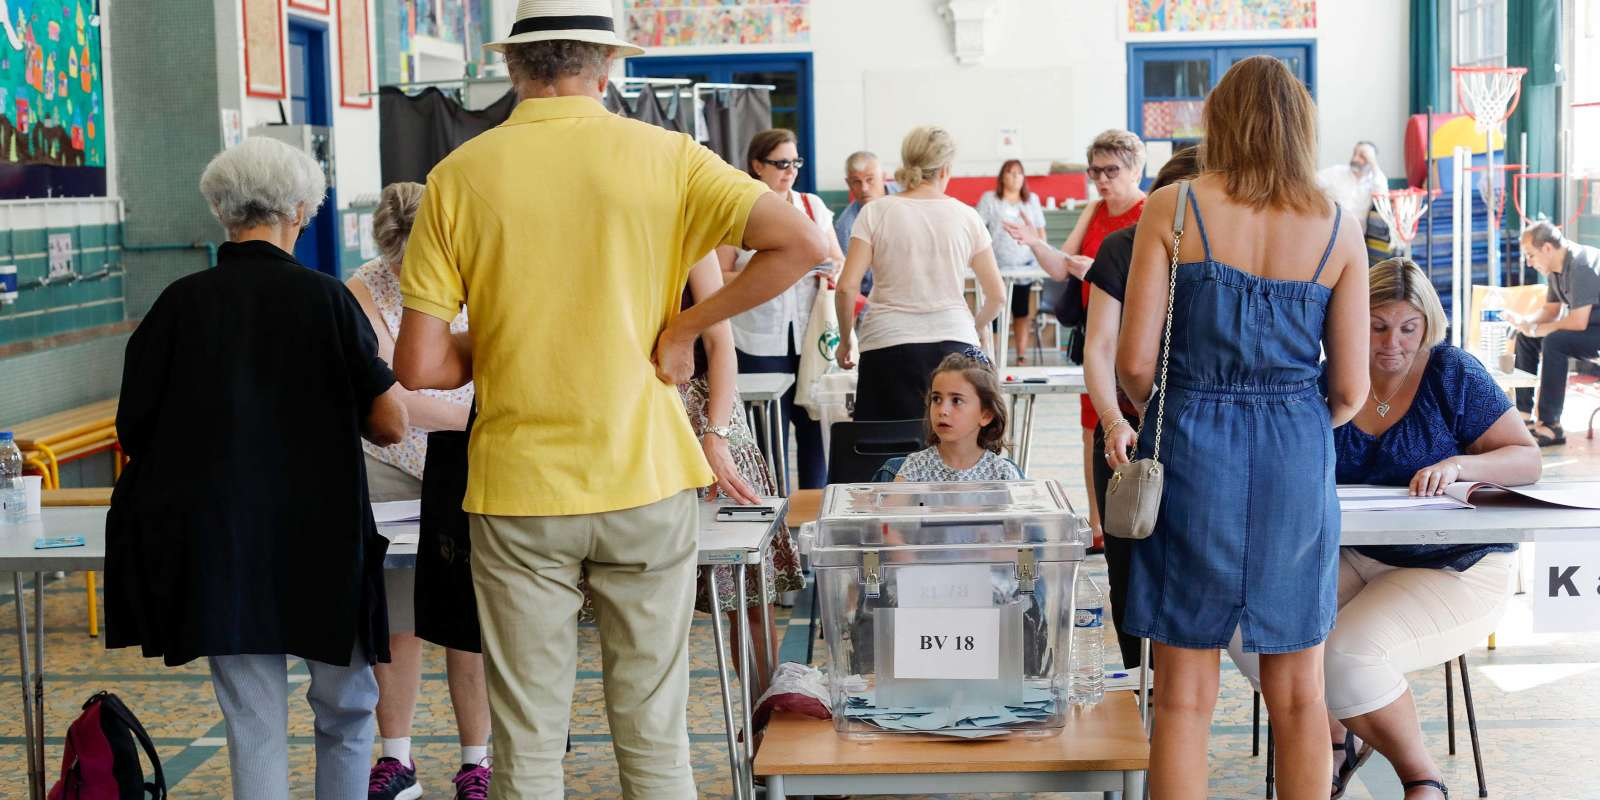 Paris le 18 juin 2017 2nd tour des élections législatives 2017 12e circonscription , bureau de vote